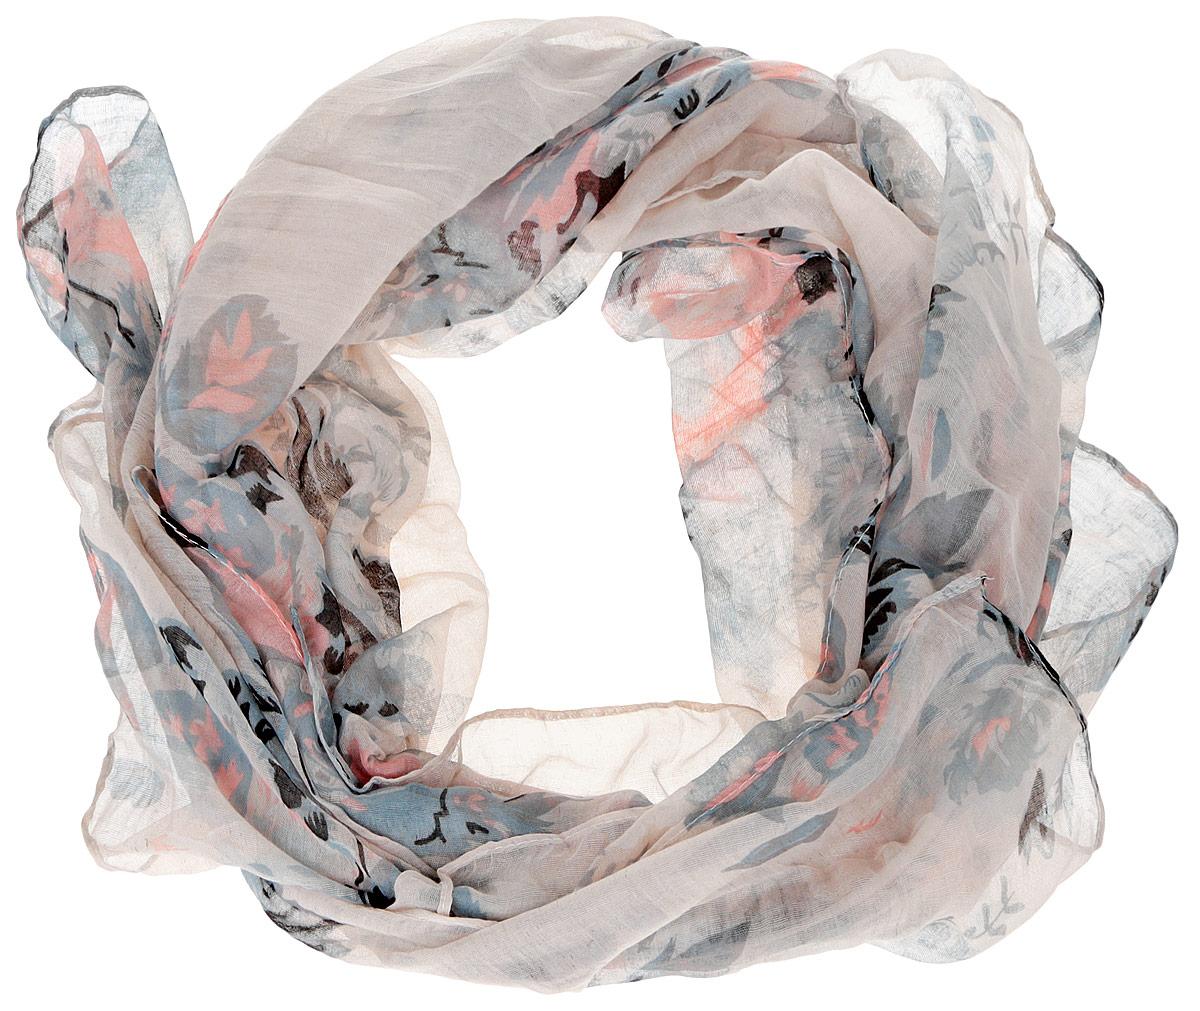 B16-11412Женский шарф Finn Flare станет изысканным аксессуаром, который подчеркнет вашу индивидуальность. Выполненный из вискозы, он очень мягкий и приятный на ощупь. Модель оформлена цветочным принтом. Такой шарф станет стильным дополнением к гардеробу современной женщины, а также подарит ощущение комфорта и уюта.